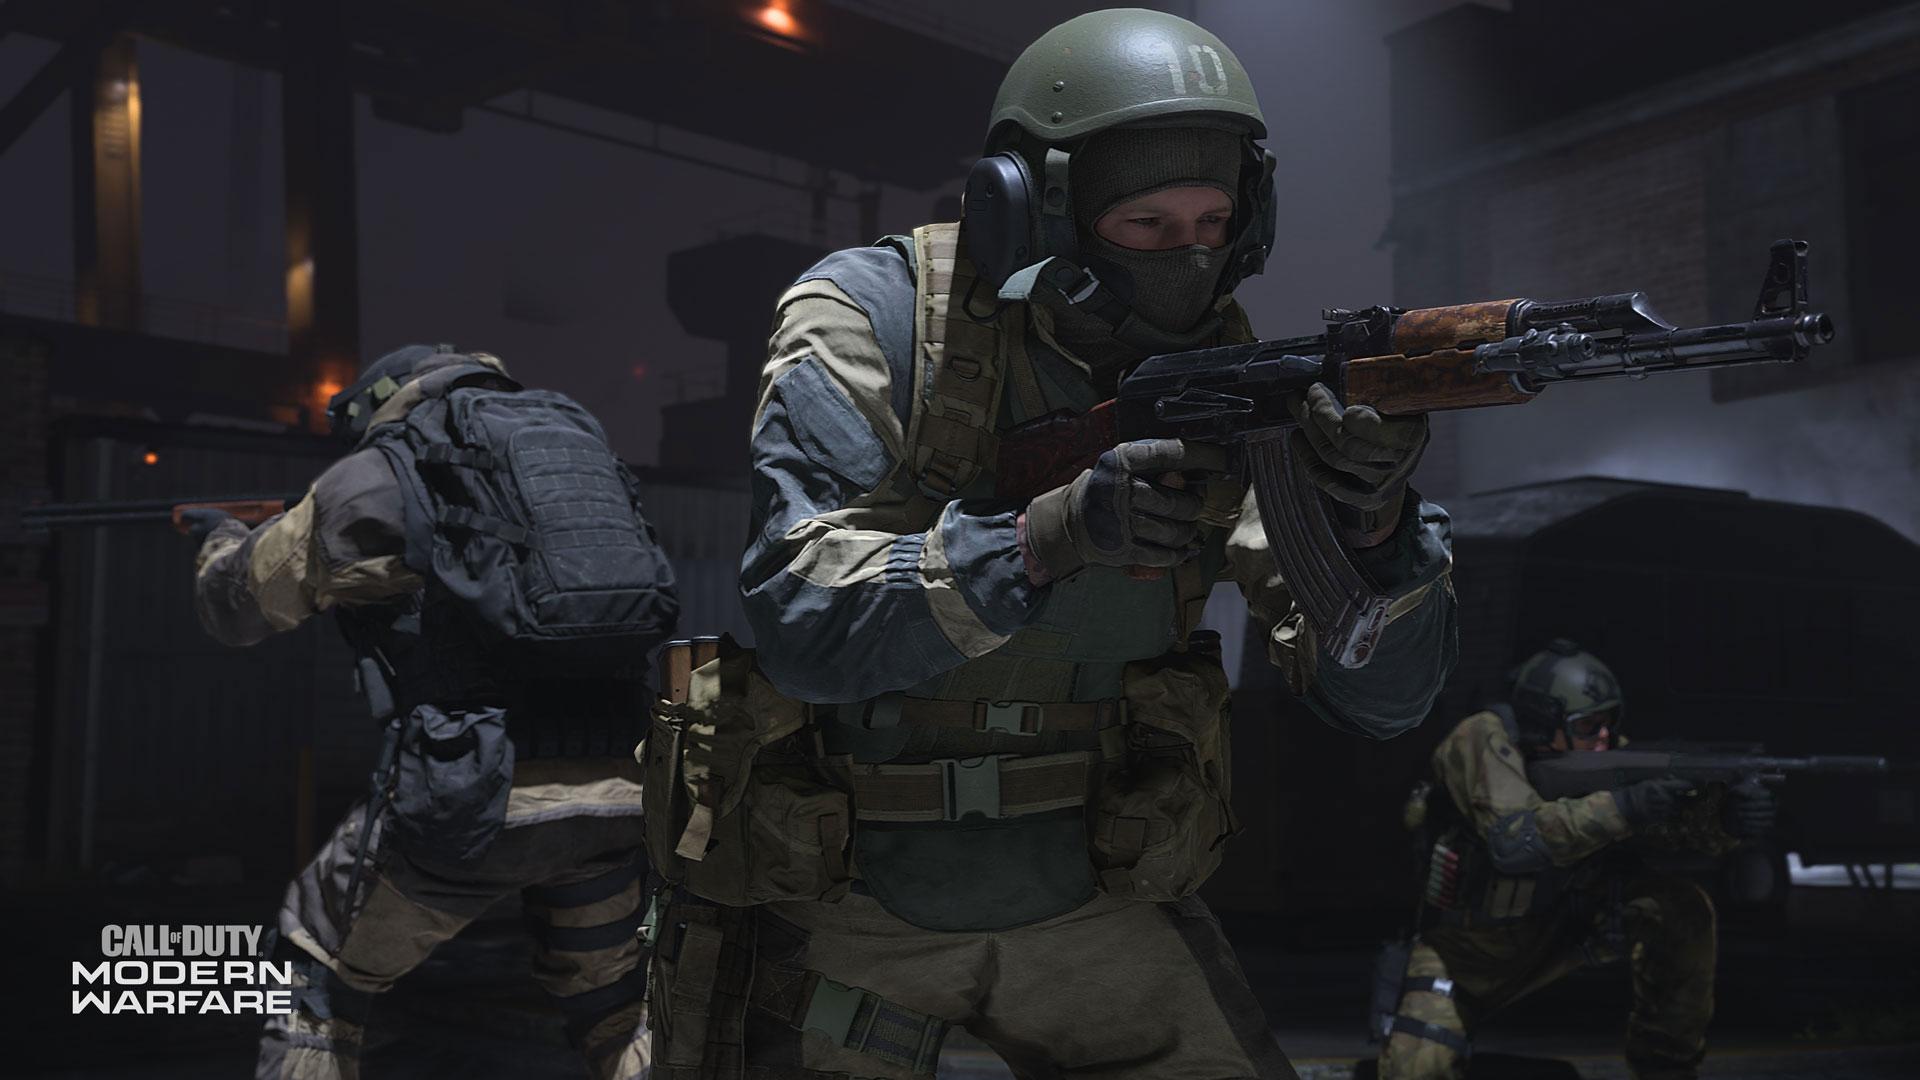 É amanhã! Lançamento do Call of Duty: Modern Warfare